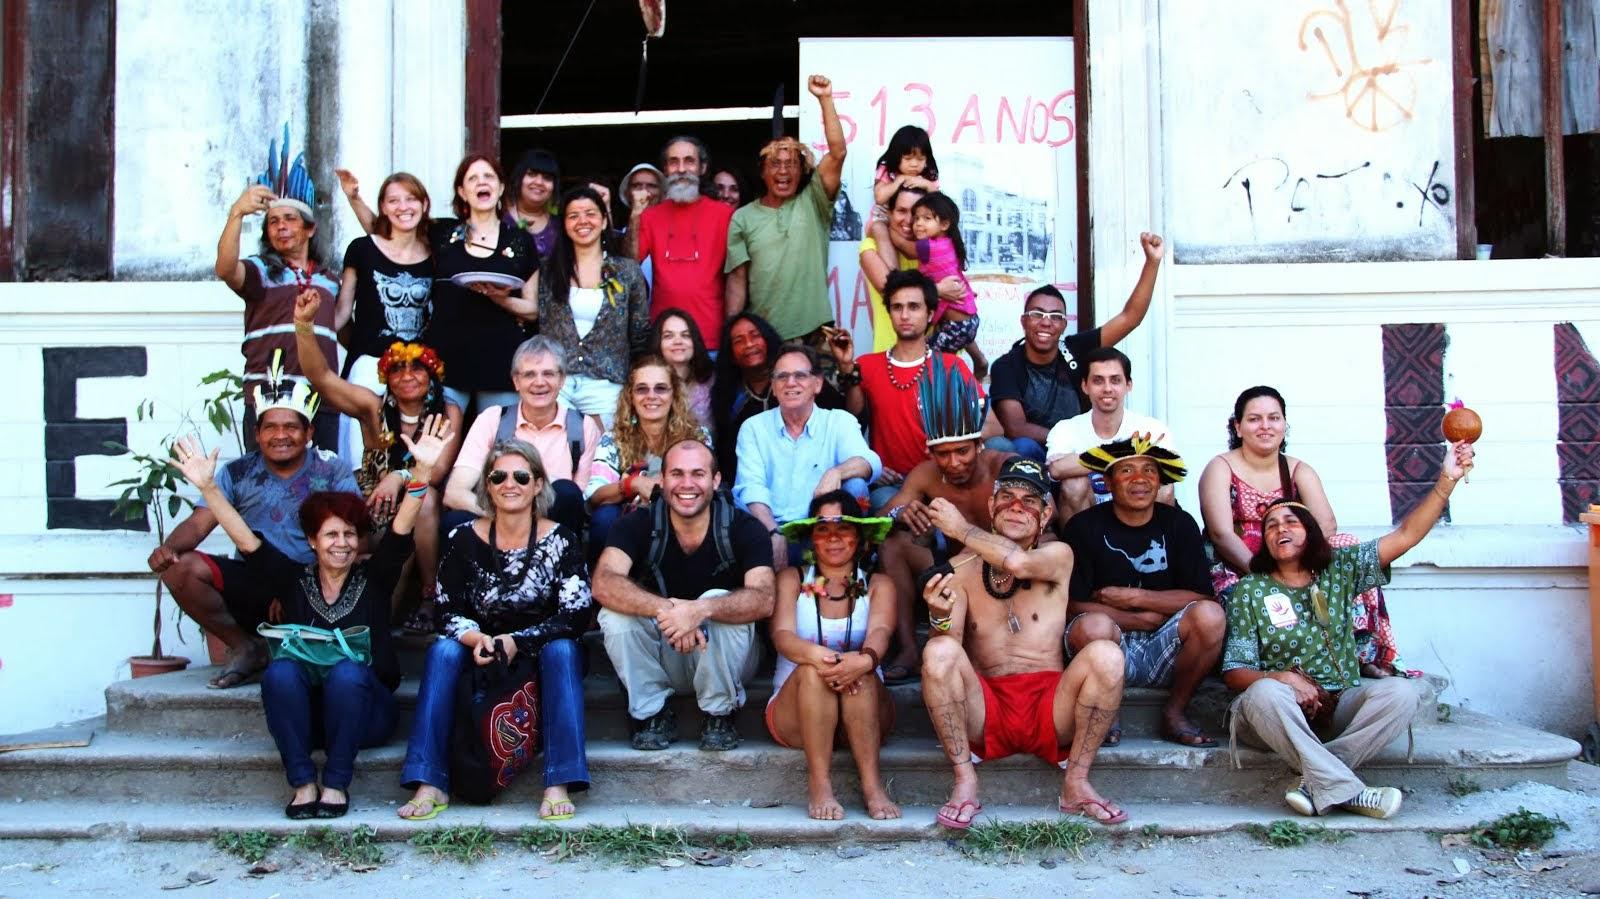 Universidad Indígena de la Aldea de Maracana, Río de Janeiro. Agosto 2013.